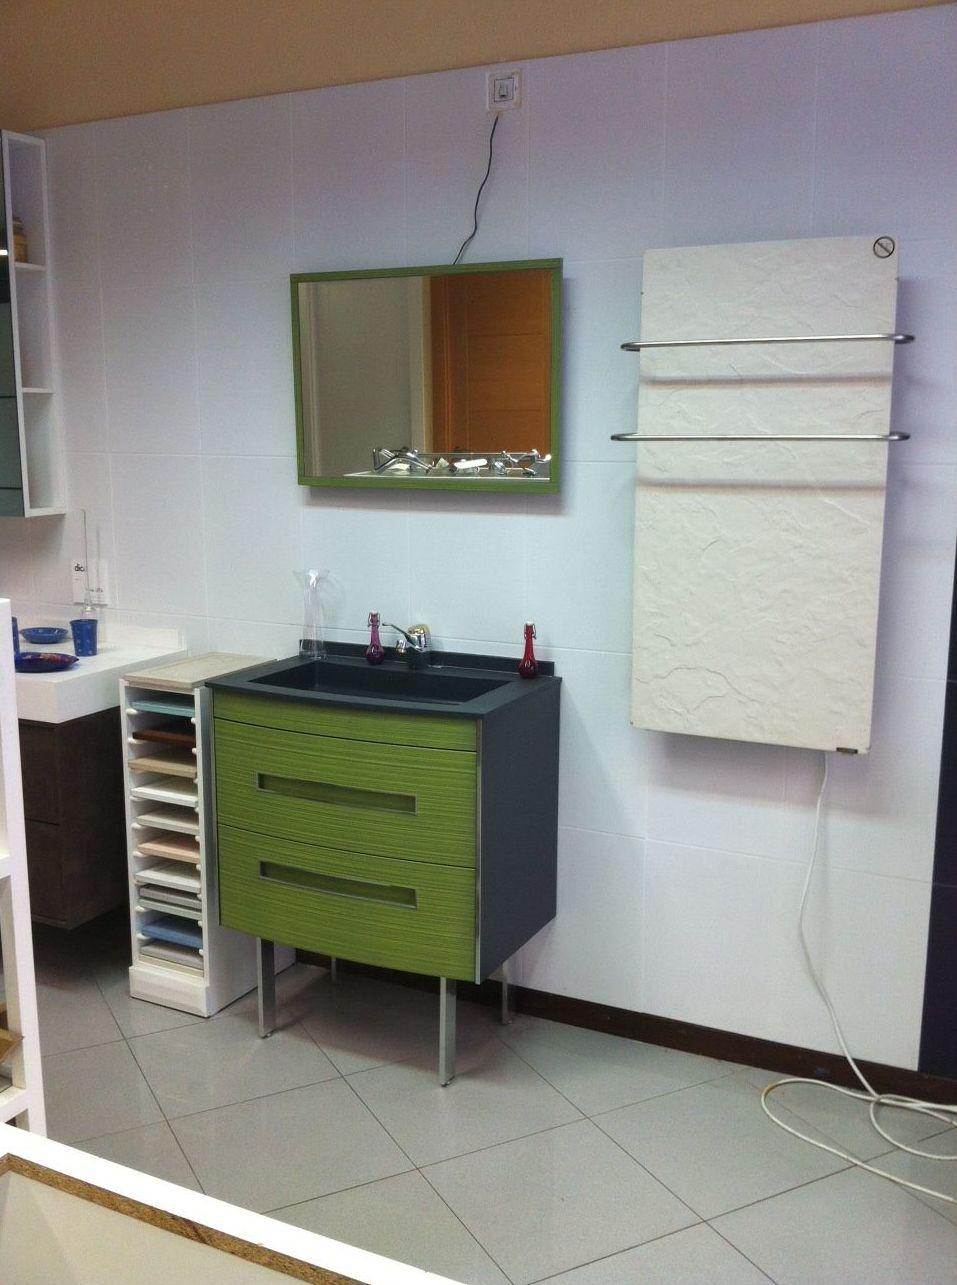 Foto 14 de muebles de ba o y cocina en gij n cahema hogar - Cocinas en gijon ...